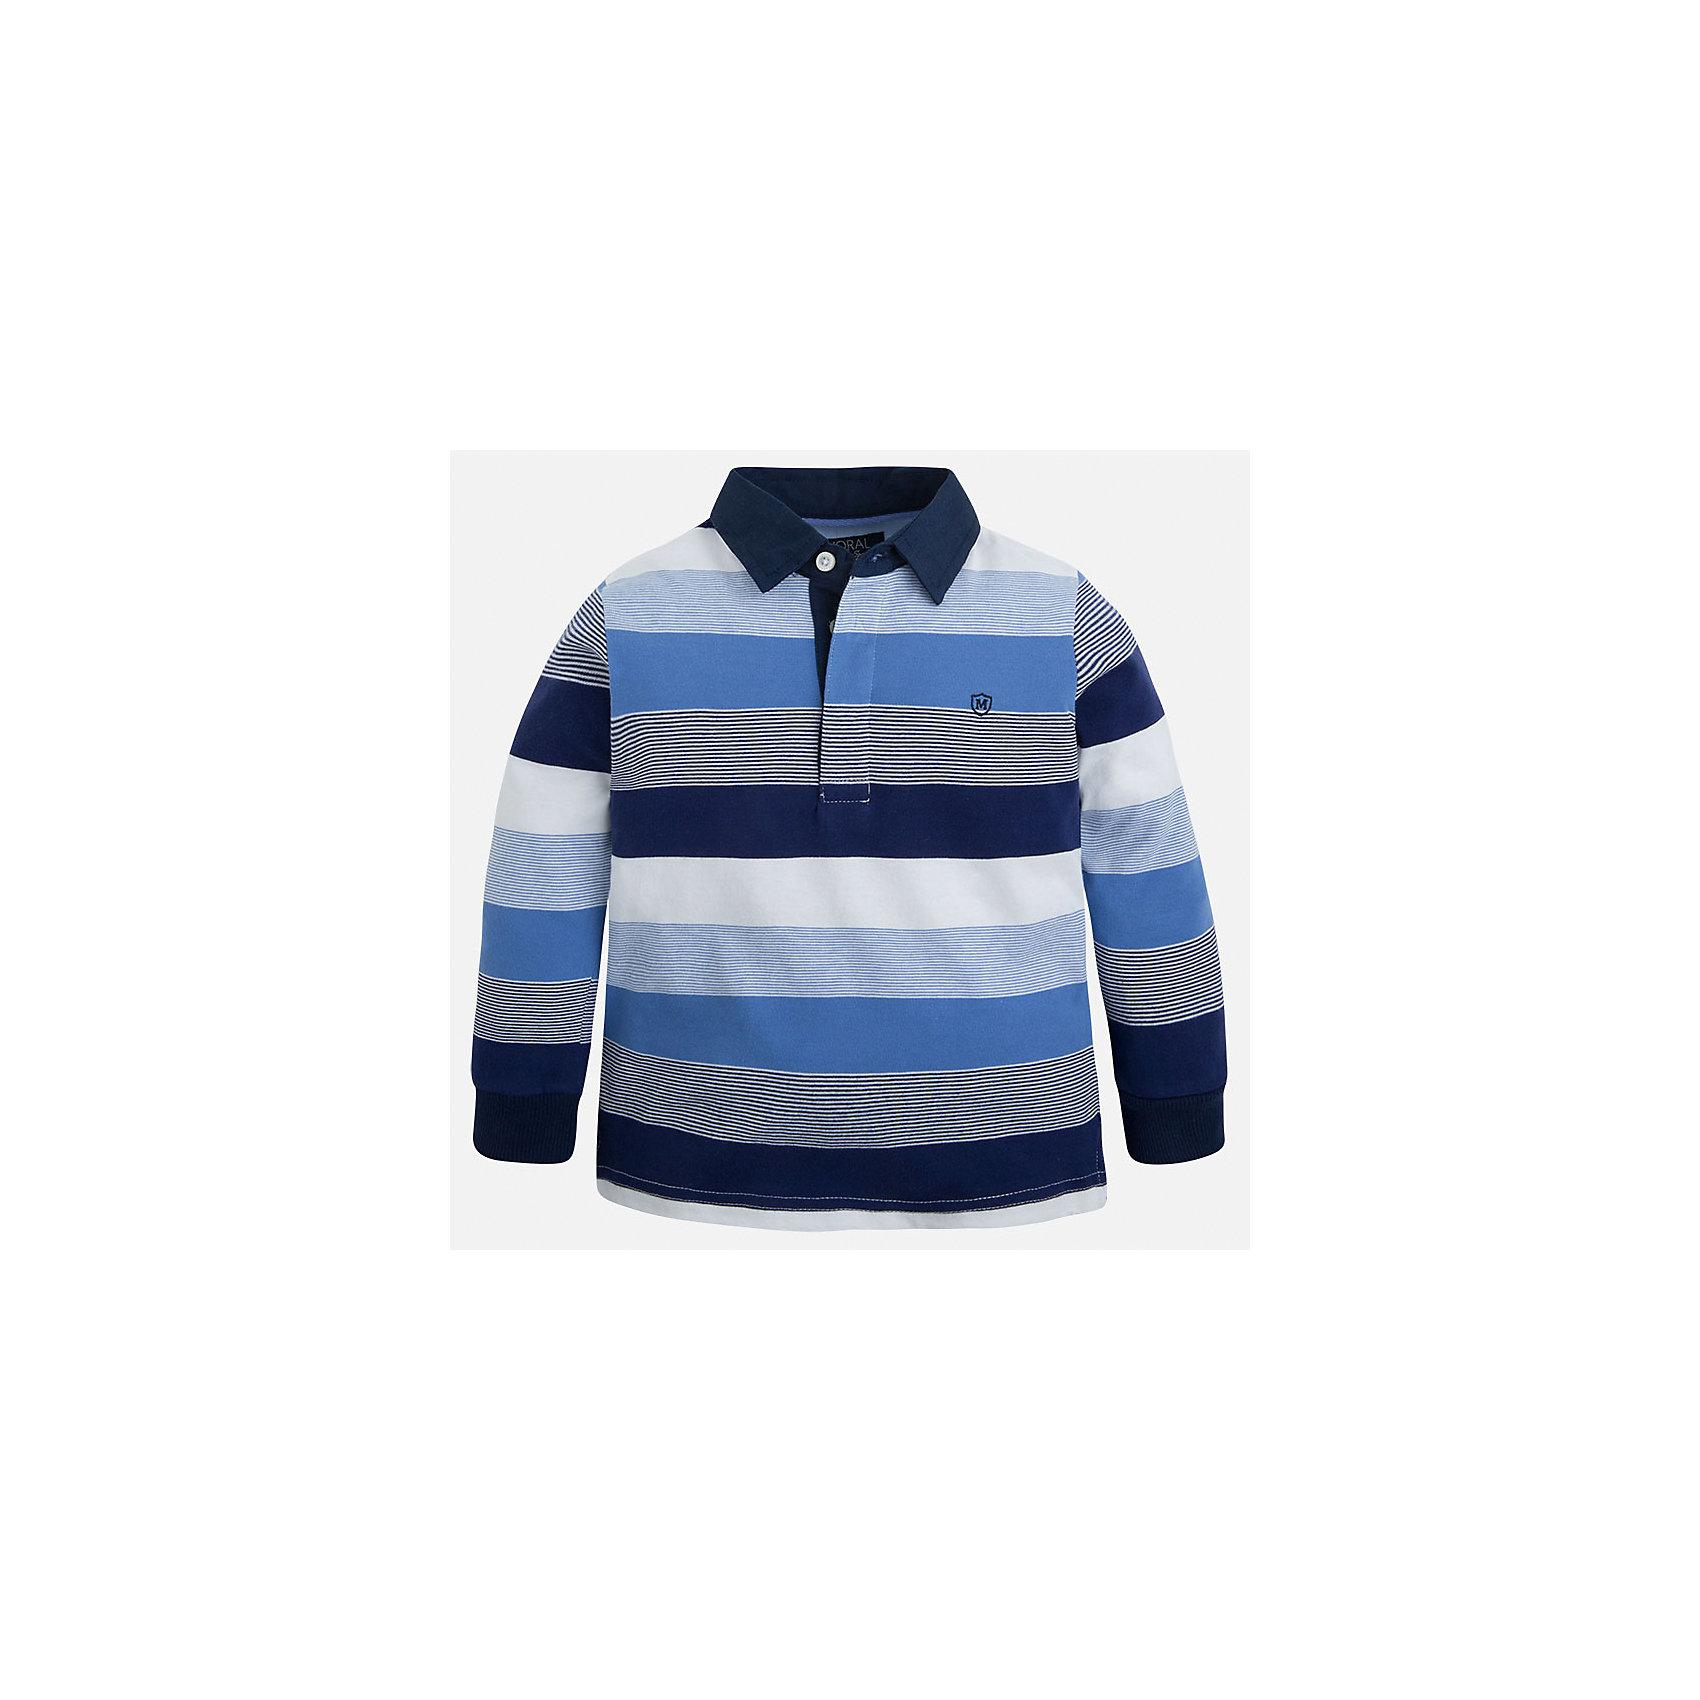 Футболка-поло с длинным рукавом для мальчика MayoralФутболки с длинным рукавом<br>Характеристики товара:<br><br>• цвет: синий/белый/голубой<br>• состав: 100% хлопок<br>• отложной воротник<br>• длинные рукава<br>• застежка: пуговицы<br>• вышивка на груди<br>• страна бренда: Испания<br><br>Удобная модная рубашка-поло для мальчика может стать базовой вещью в гардеробе ребенка. Она отлично сочетается с брюками, шортами, джинсами и т.д. Универсальный крой и цвет позволяет подобрать к вещи низ разных расцветок. Практичное и стильное изделие! В составе материала - только натуральный хлопок, гипоаллергенный, приятный на ощупь, дышащий.<br><br>Одежда, обувь и аксессуары от испанского бренда Mayoral полюбились детям и взрослым по всему миру. Модели этой марки - стильные и удобные. Для их производства используются только безопасные, качественные материалы и фурнитура. Порадуйте ребенка модными и красивыми вещами от Mayoral! <br><br>Рубашку-поло для мальчика от испанского бренда Mayoral (Майорал) можно купить в нашем интернет-магазине.<br><br>Ширина мм: 230<br>Глубина мм: 40<br>Высота мм: 220<br>Вес г: 250<br>Цвет: белый<br>Возраст от месяцев: 36<br>Возраст до месяцев: 48<br>Пол: Мужской<br>Возраст: Детский<br>Размер: 104,134,128,122,110,98,92,116<br>SKU: 5272162